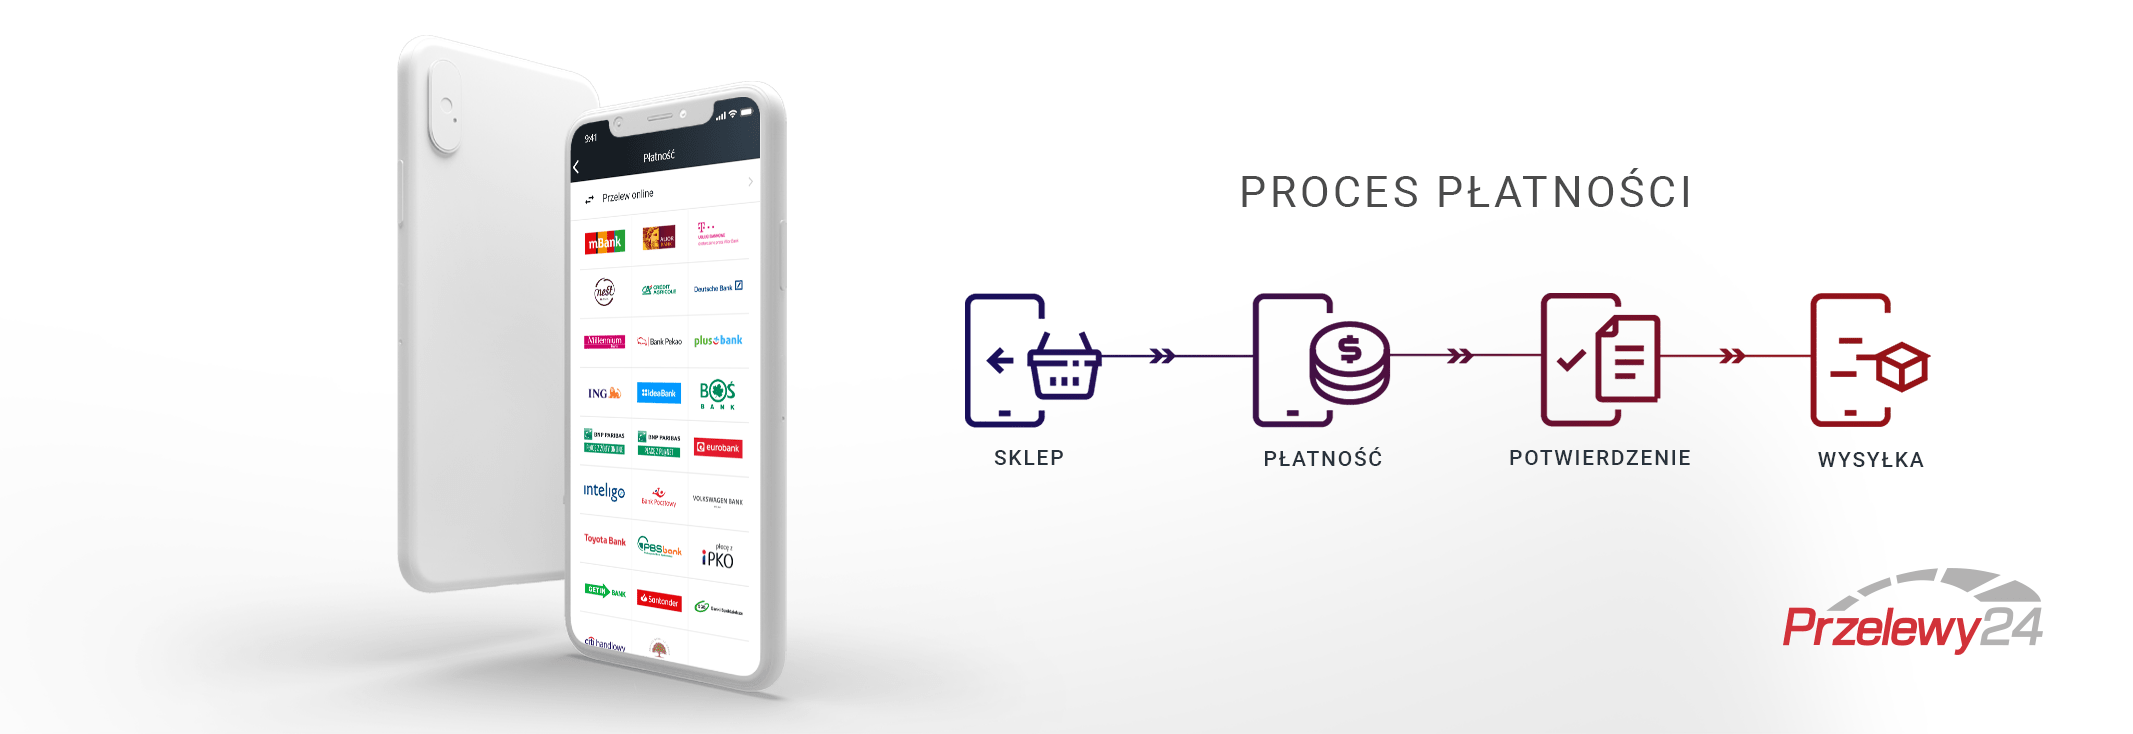 proces płatności